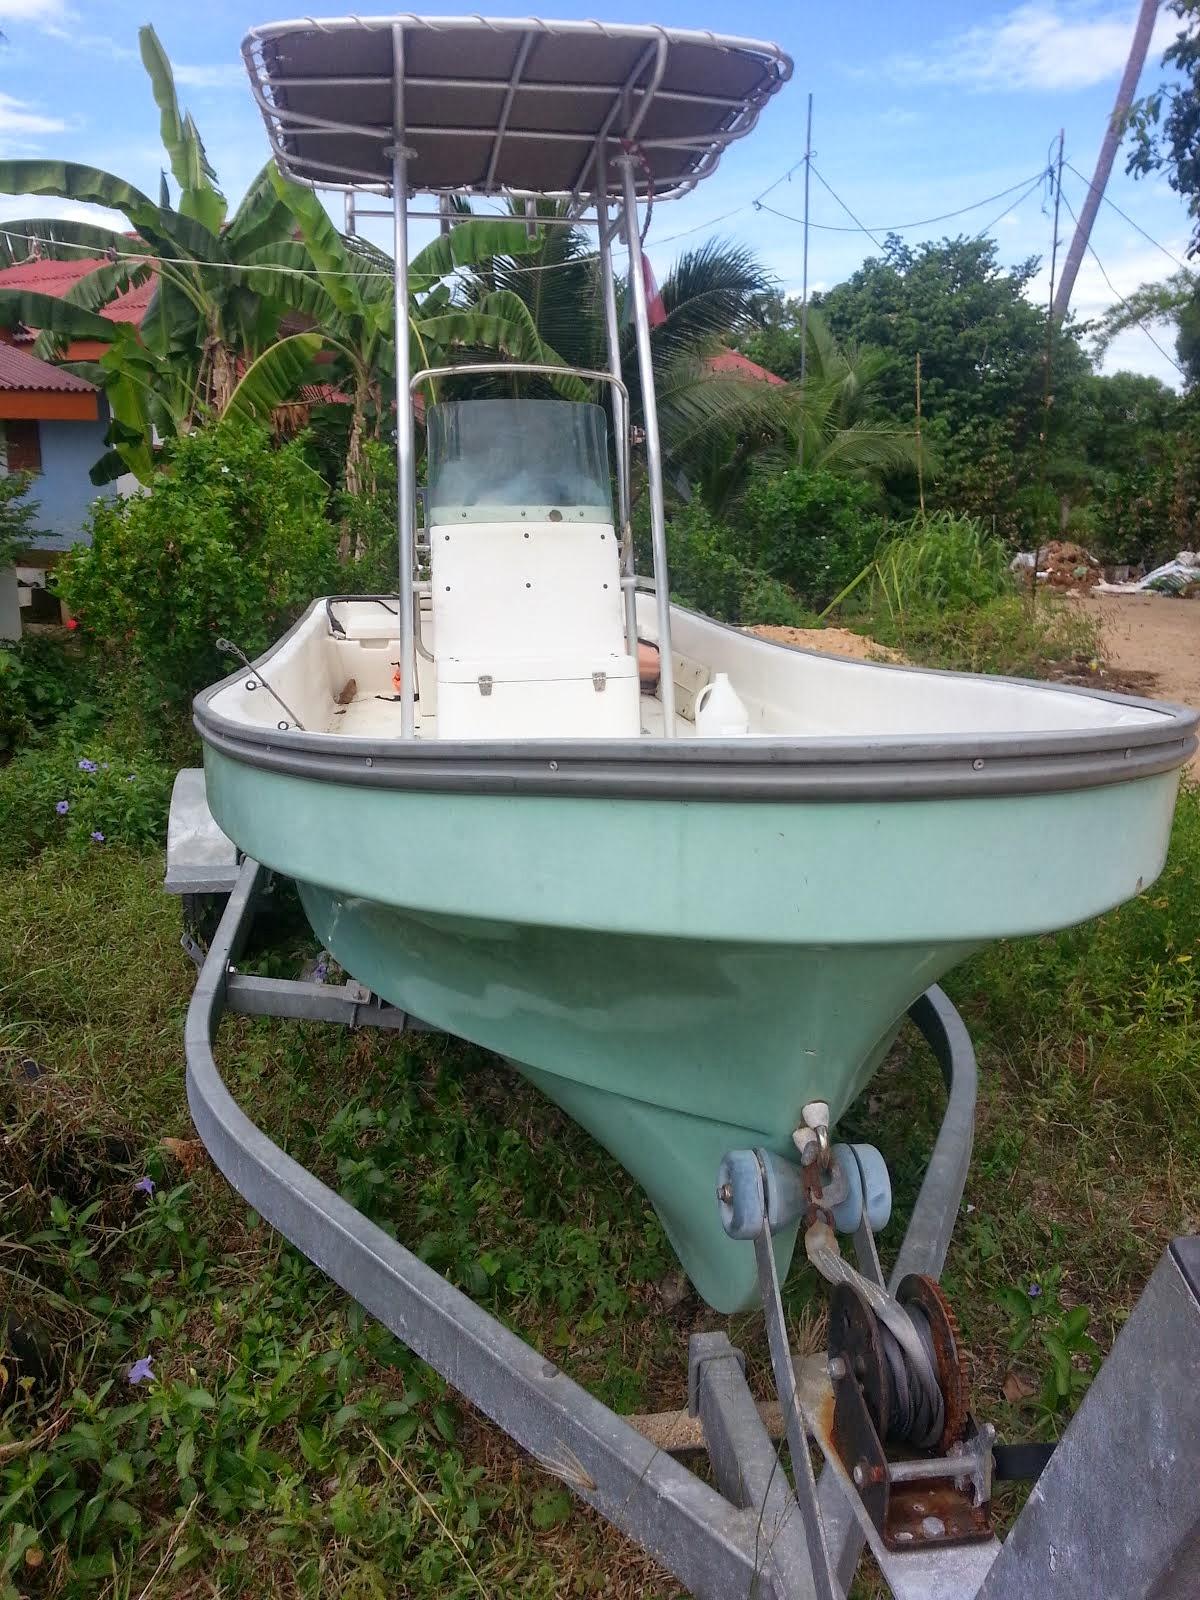 ขายเรือ สำหรับตกปลาหรือไปท่องเทียว